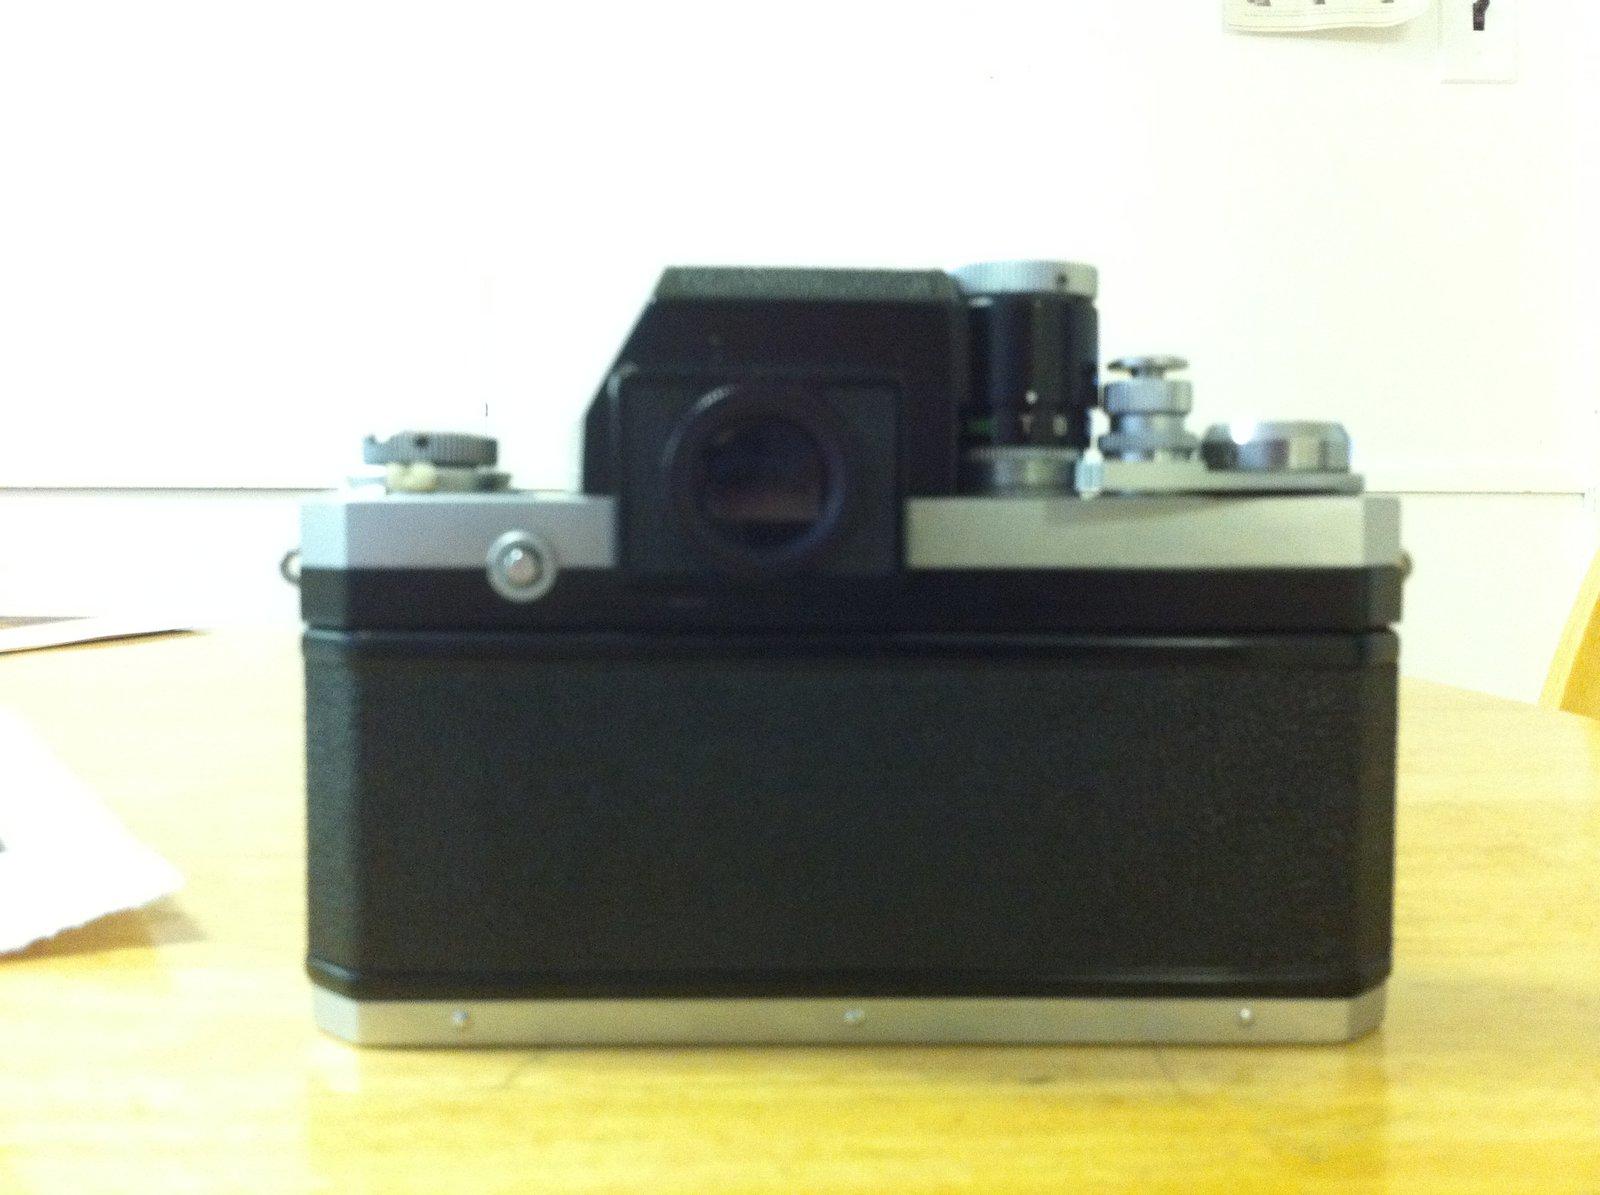 Nikon FTn3